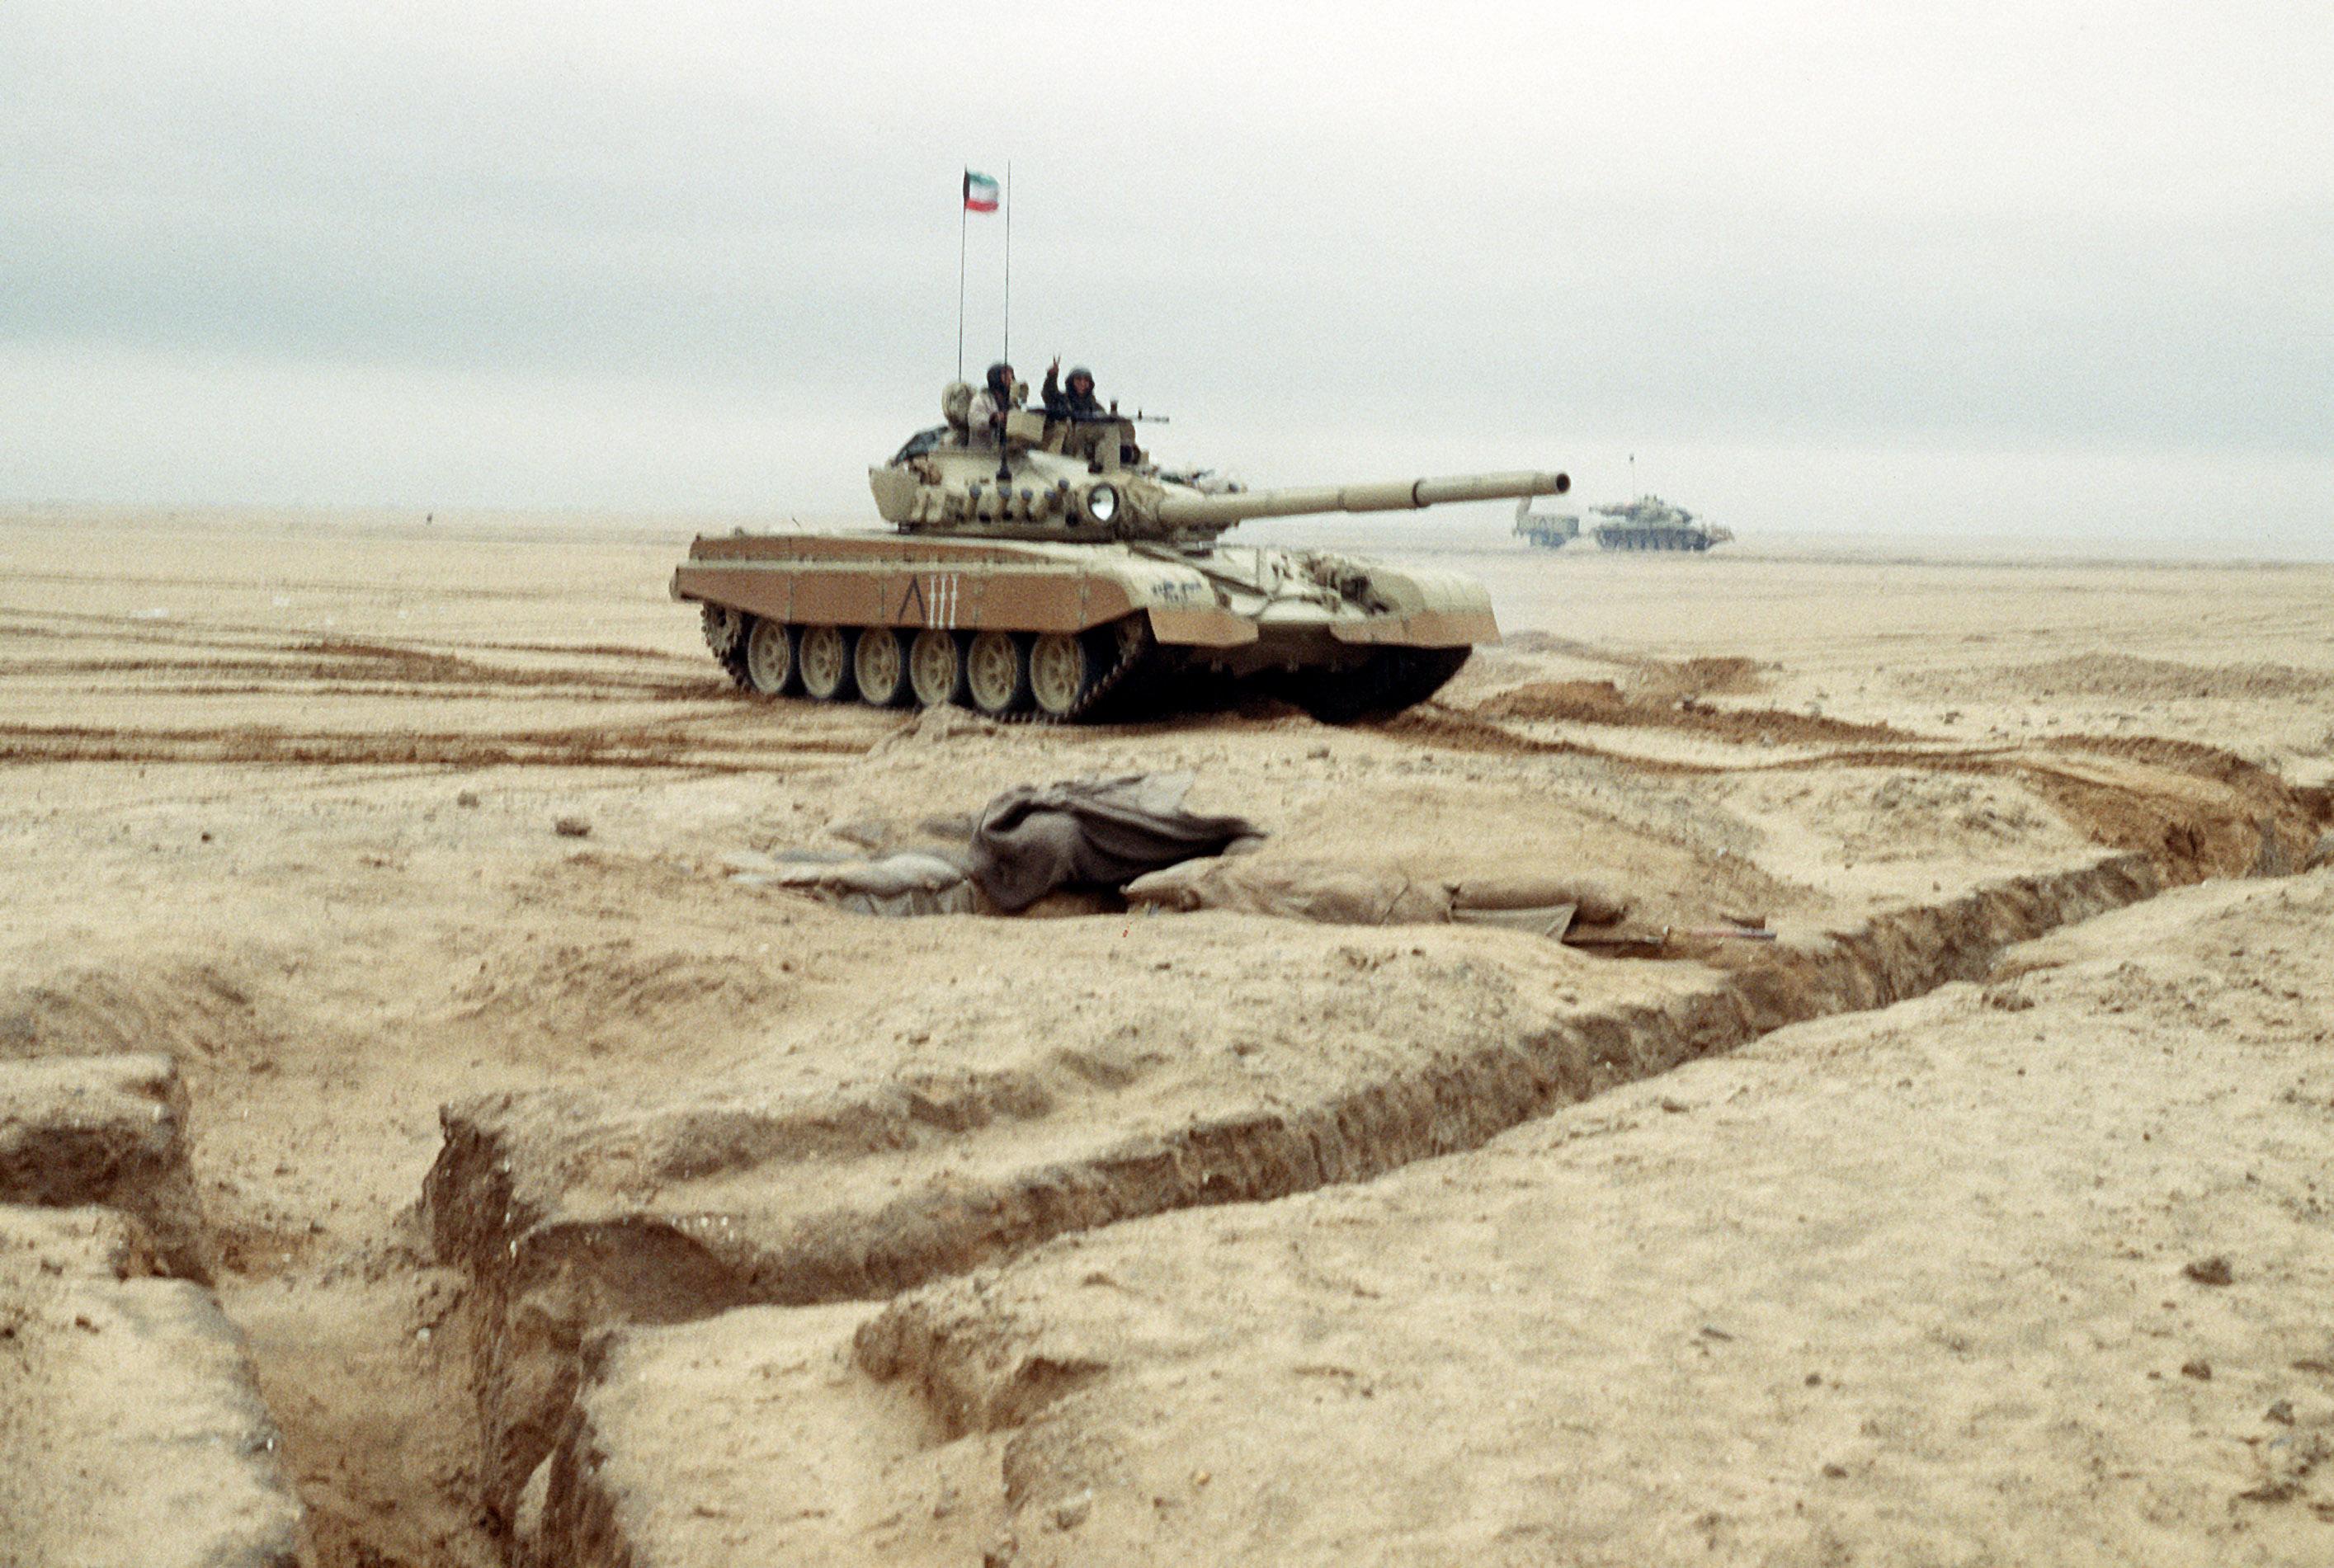 File:Kuwaiti M-84, Operation Desert Storm.jpg - Wikimedia ...